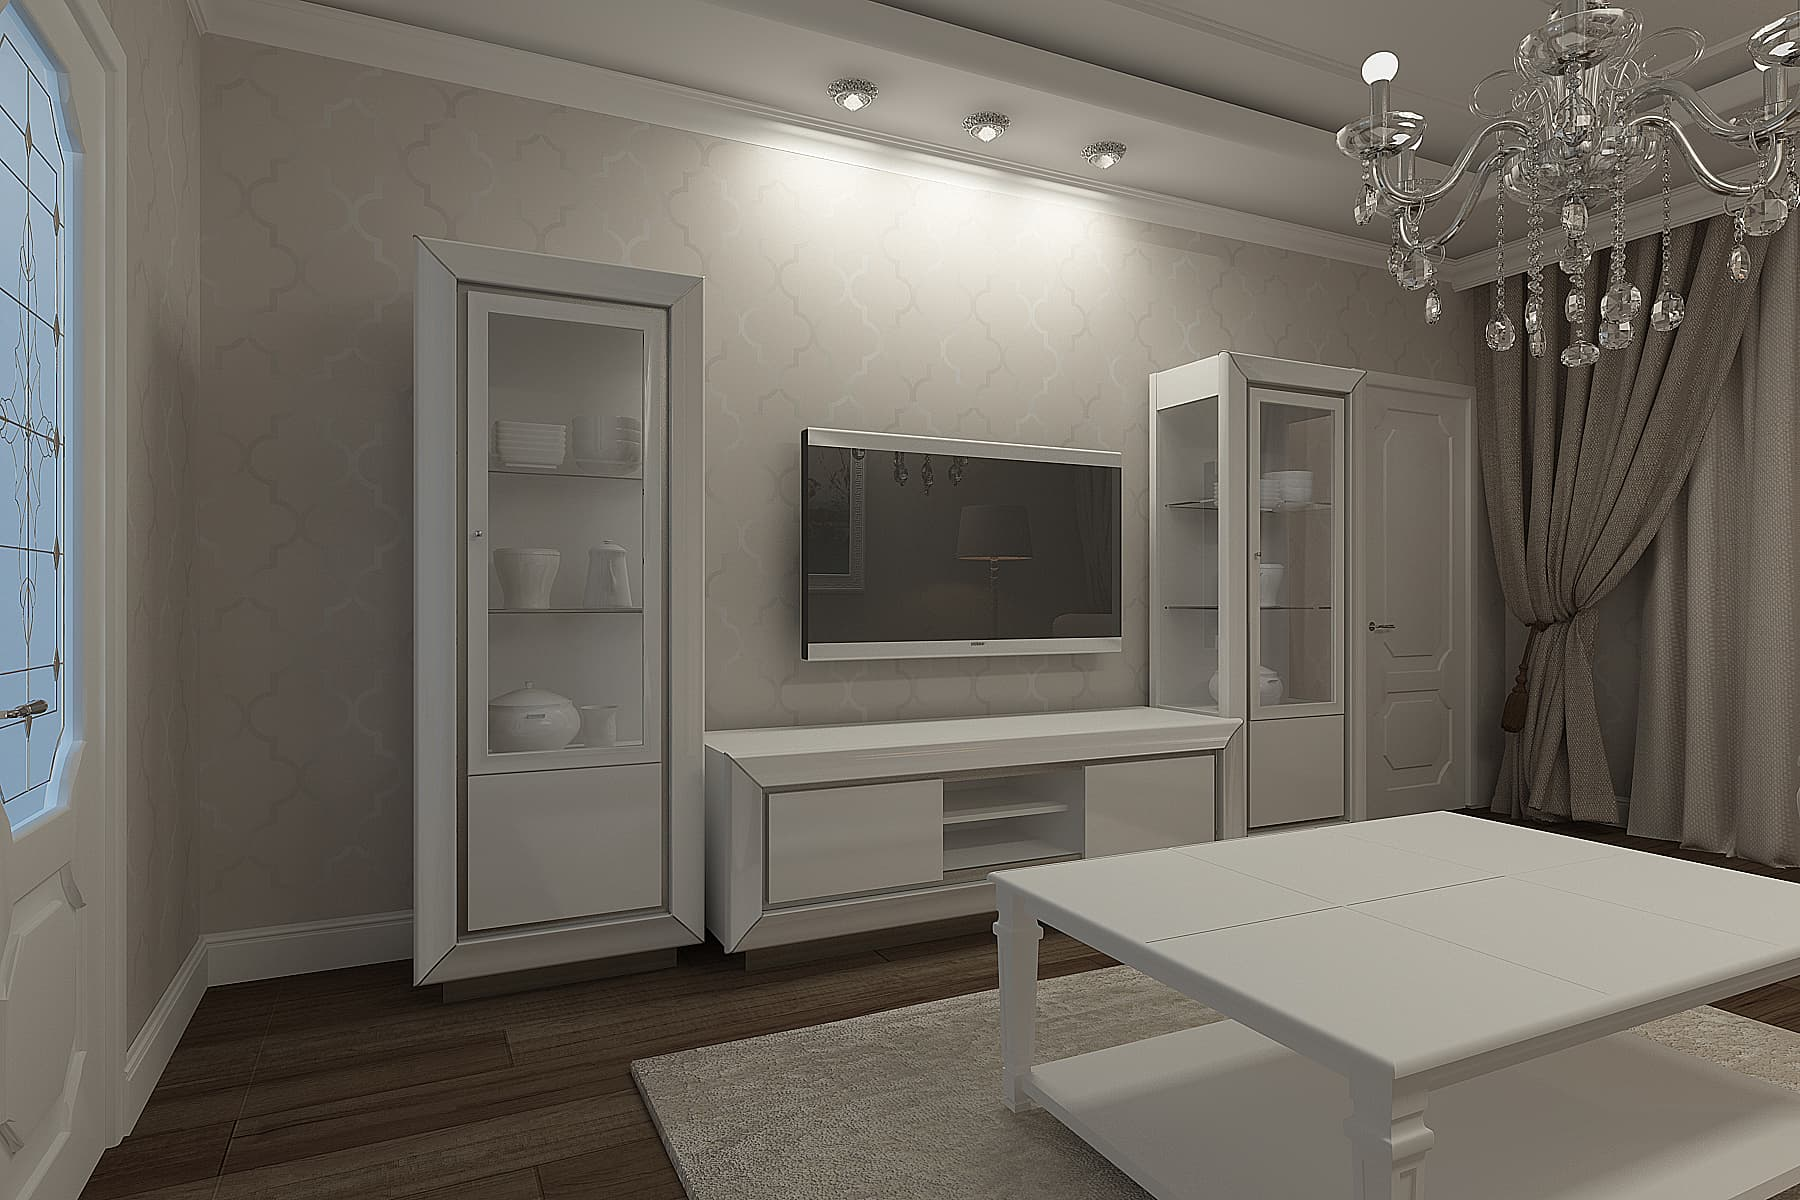 Проект квартиры 160 кв. м на пр. Большевиков